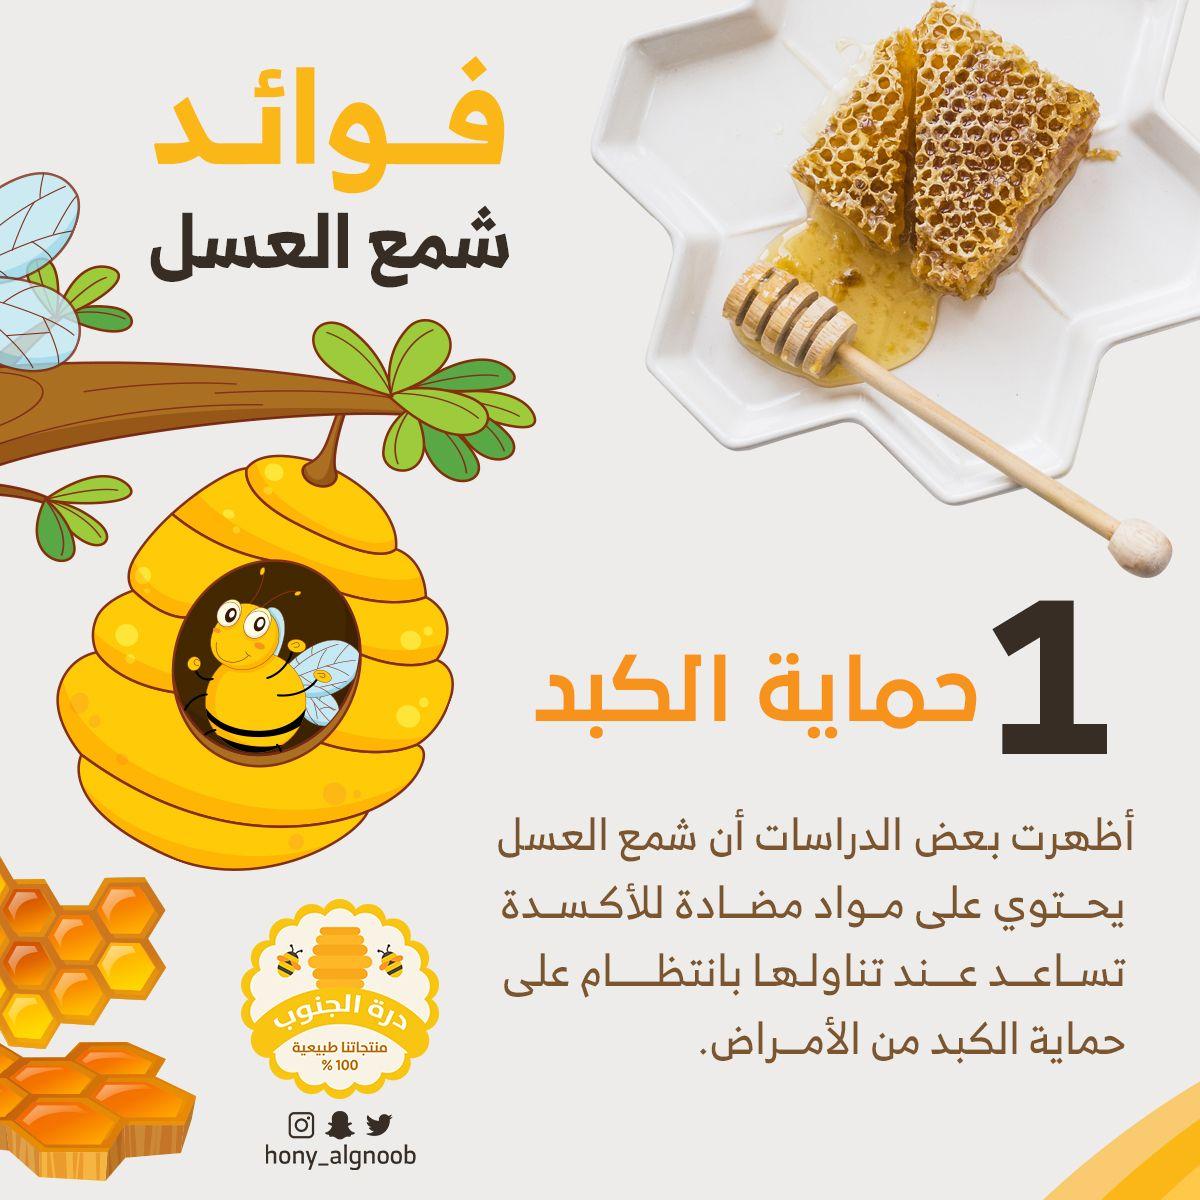 فوائد شمع العسل عسل درة الجنوب العسل لزيادة المناعة العسل لحماية الكبد العسل بديل السكر Photo And Video Honey Instagram